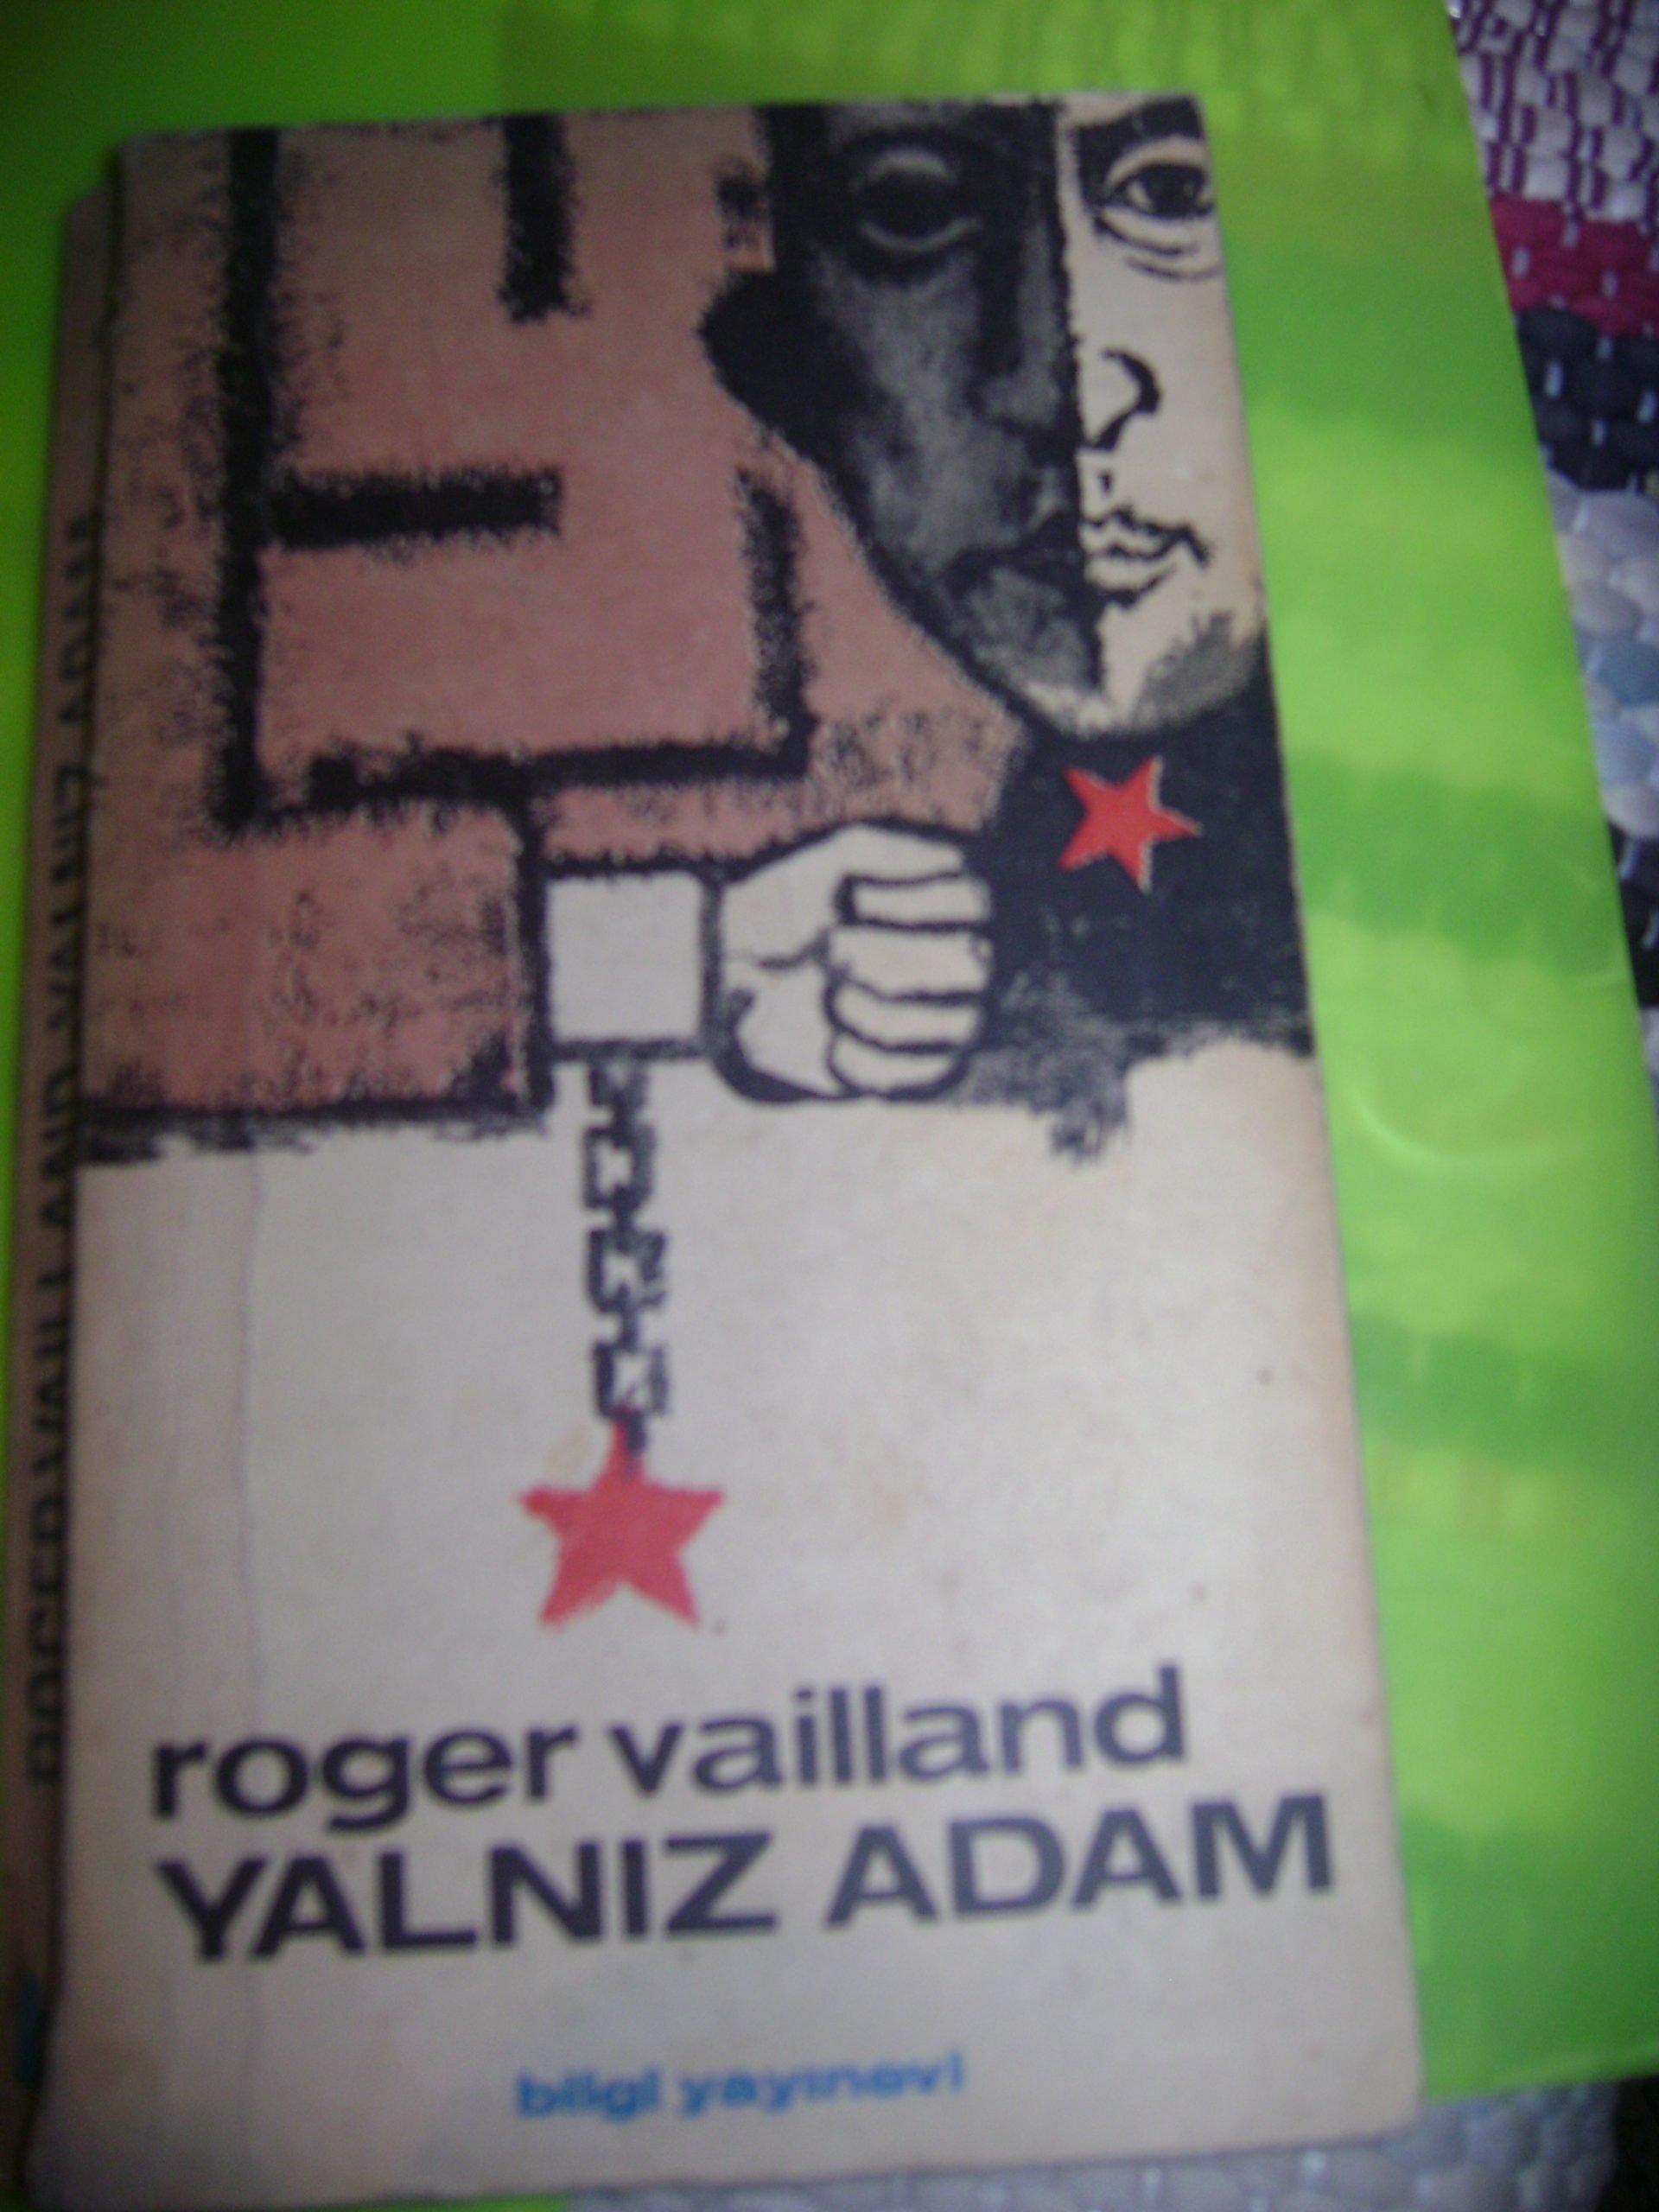 Yalnız Adam/Roger Vailland/ 10 tl